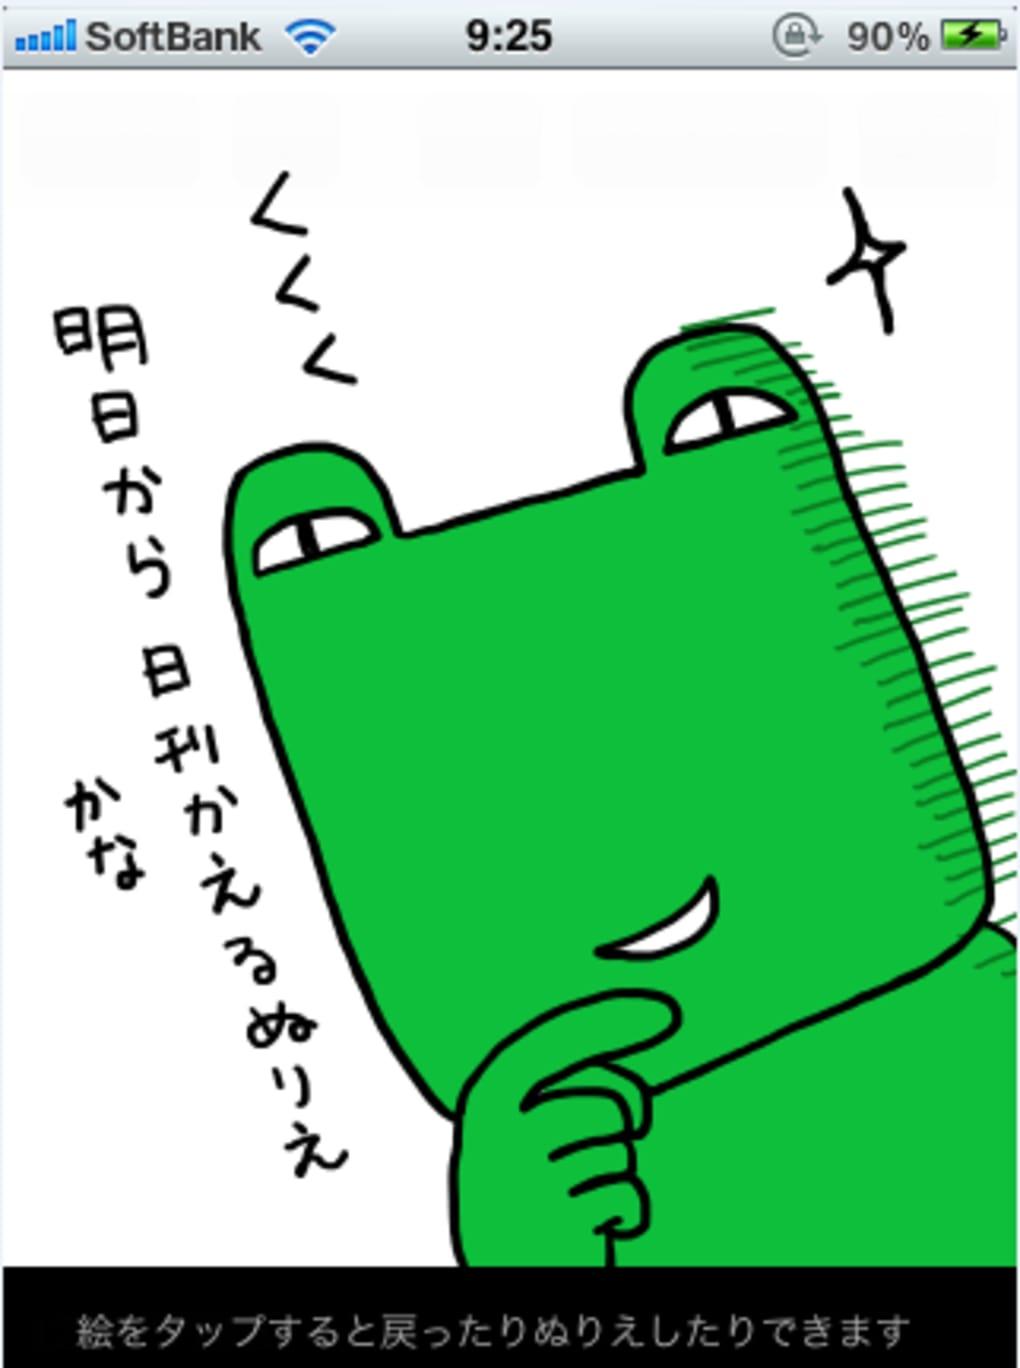 日刊くまぬりえ For Iphone ダウンロード